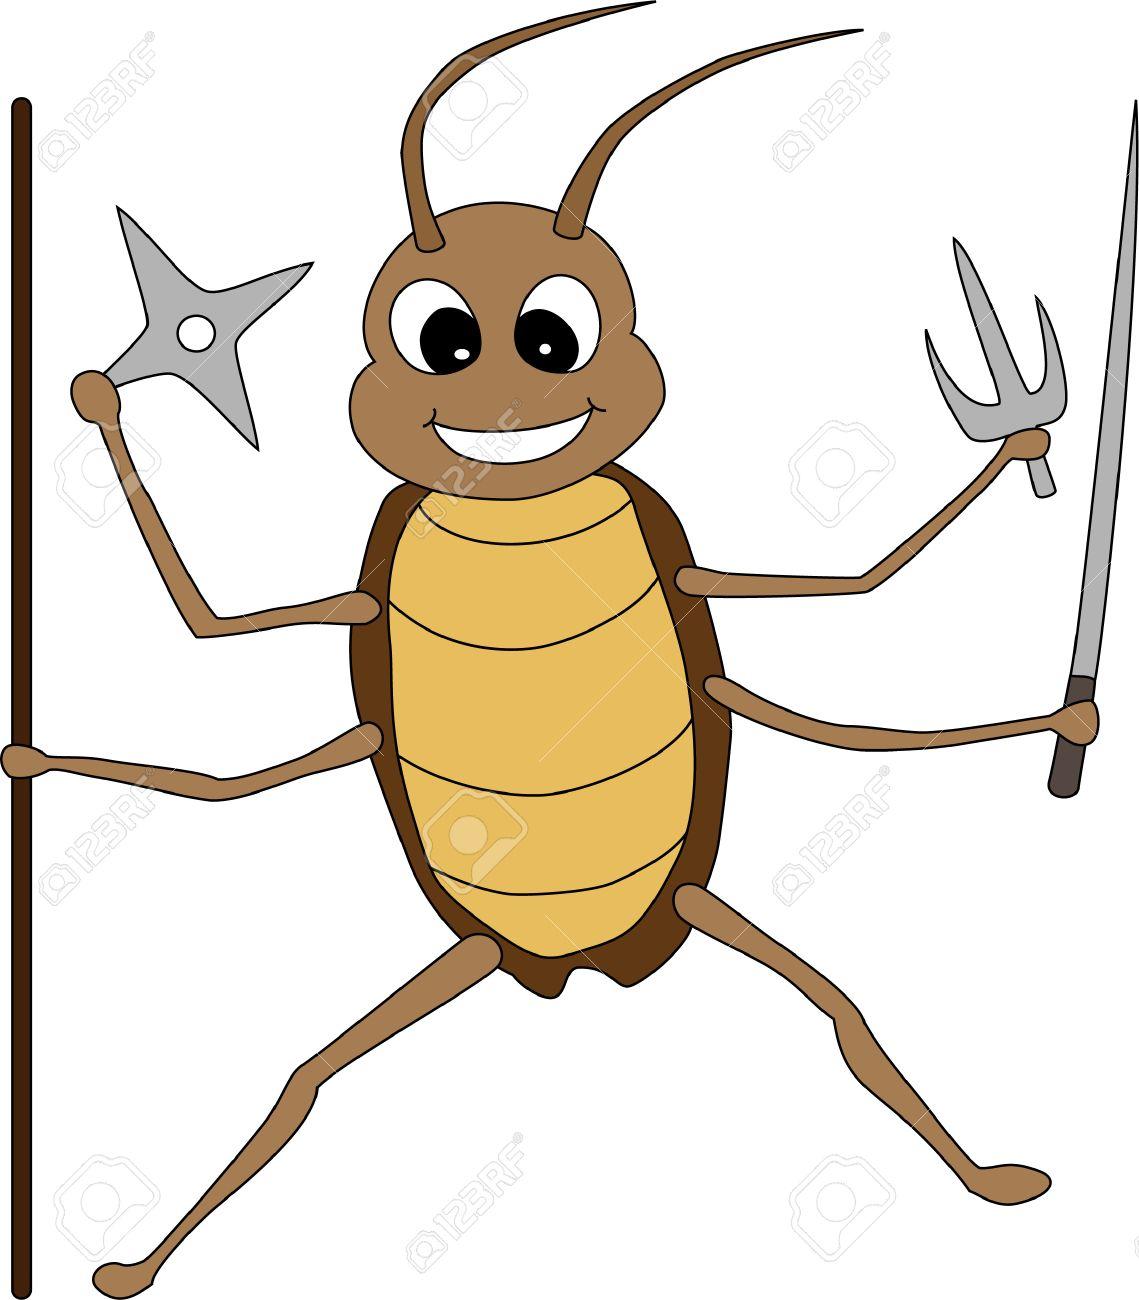 かわいい漫画の戦いのゴキブリのイラスト素材ベクタ Image 4382938